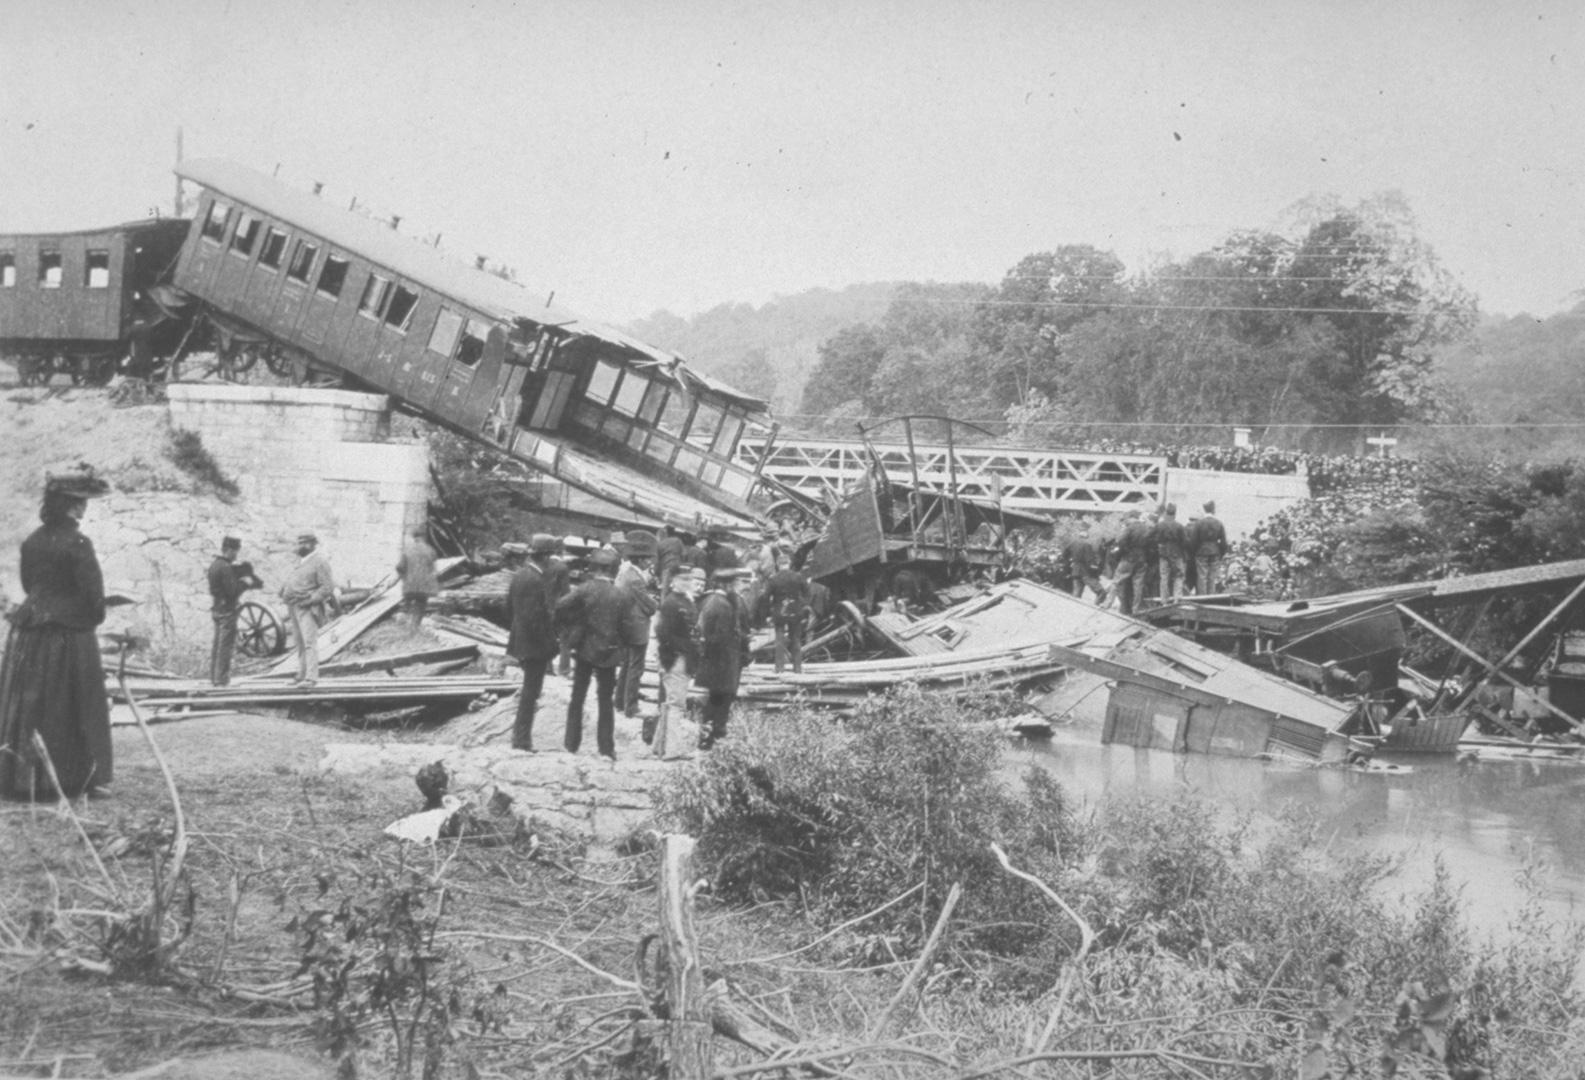 Das Eisenbahnunglück von Münchenstein lockte viele Gaffer an.